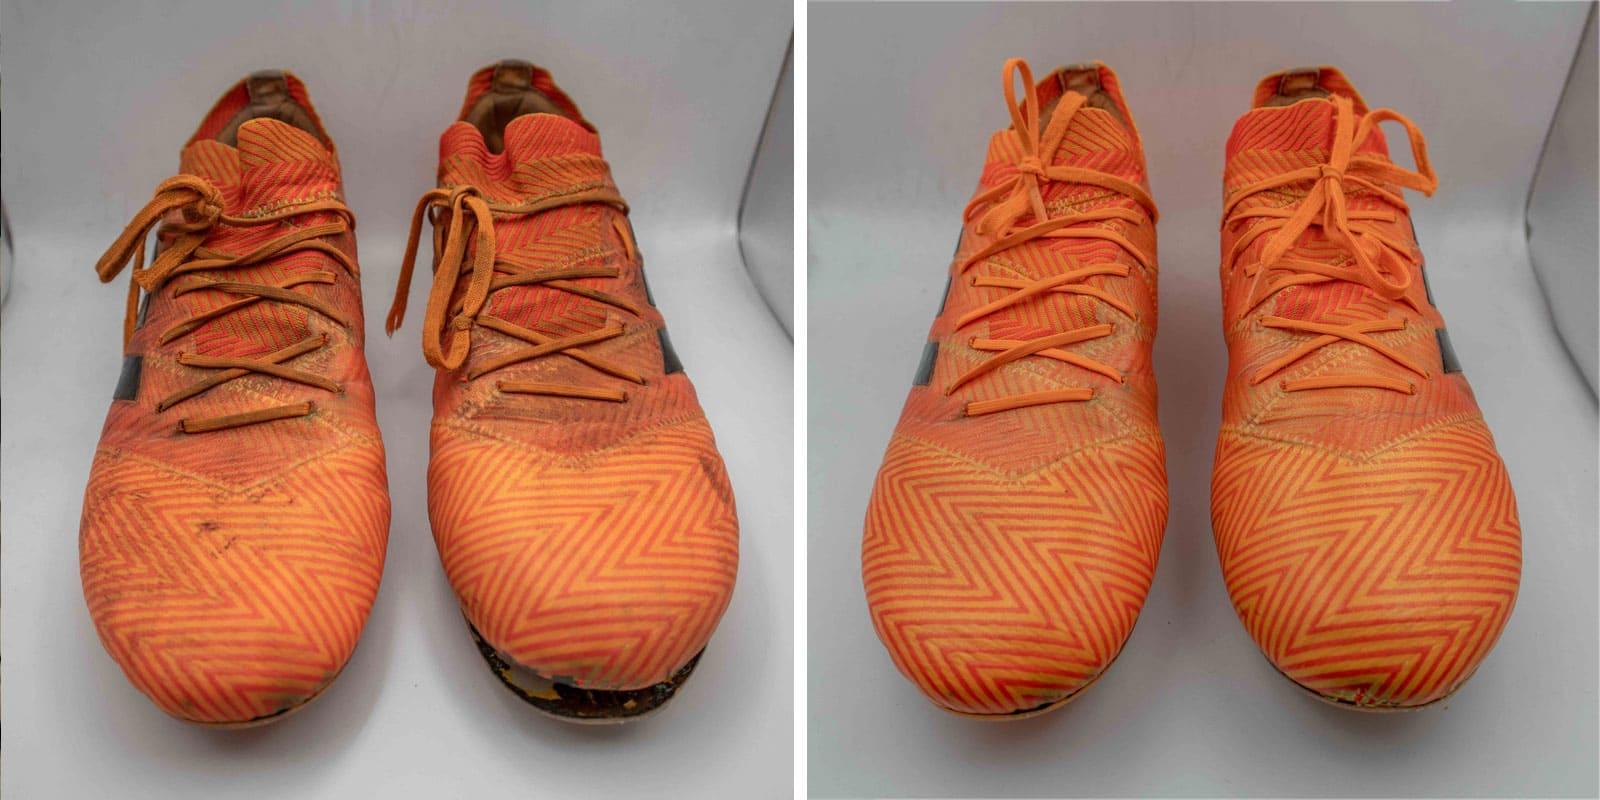 Image of before after cleaning Adidas Nemeziz orange